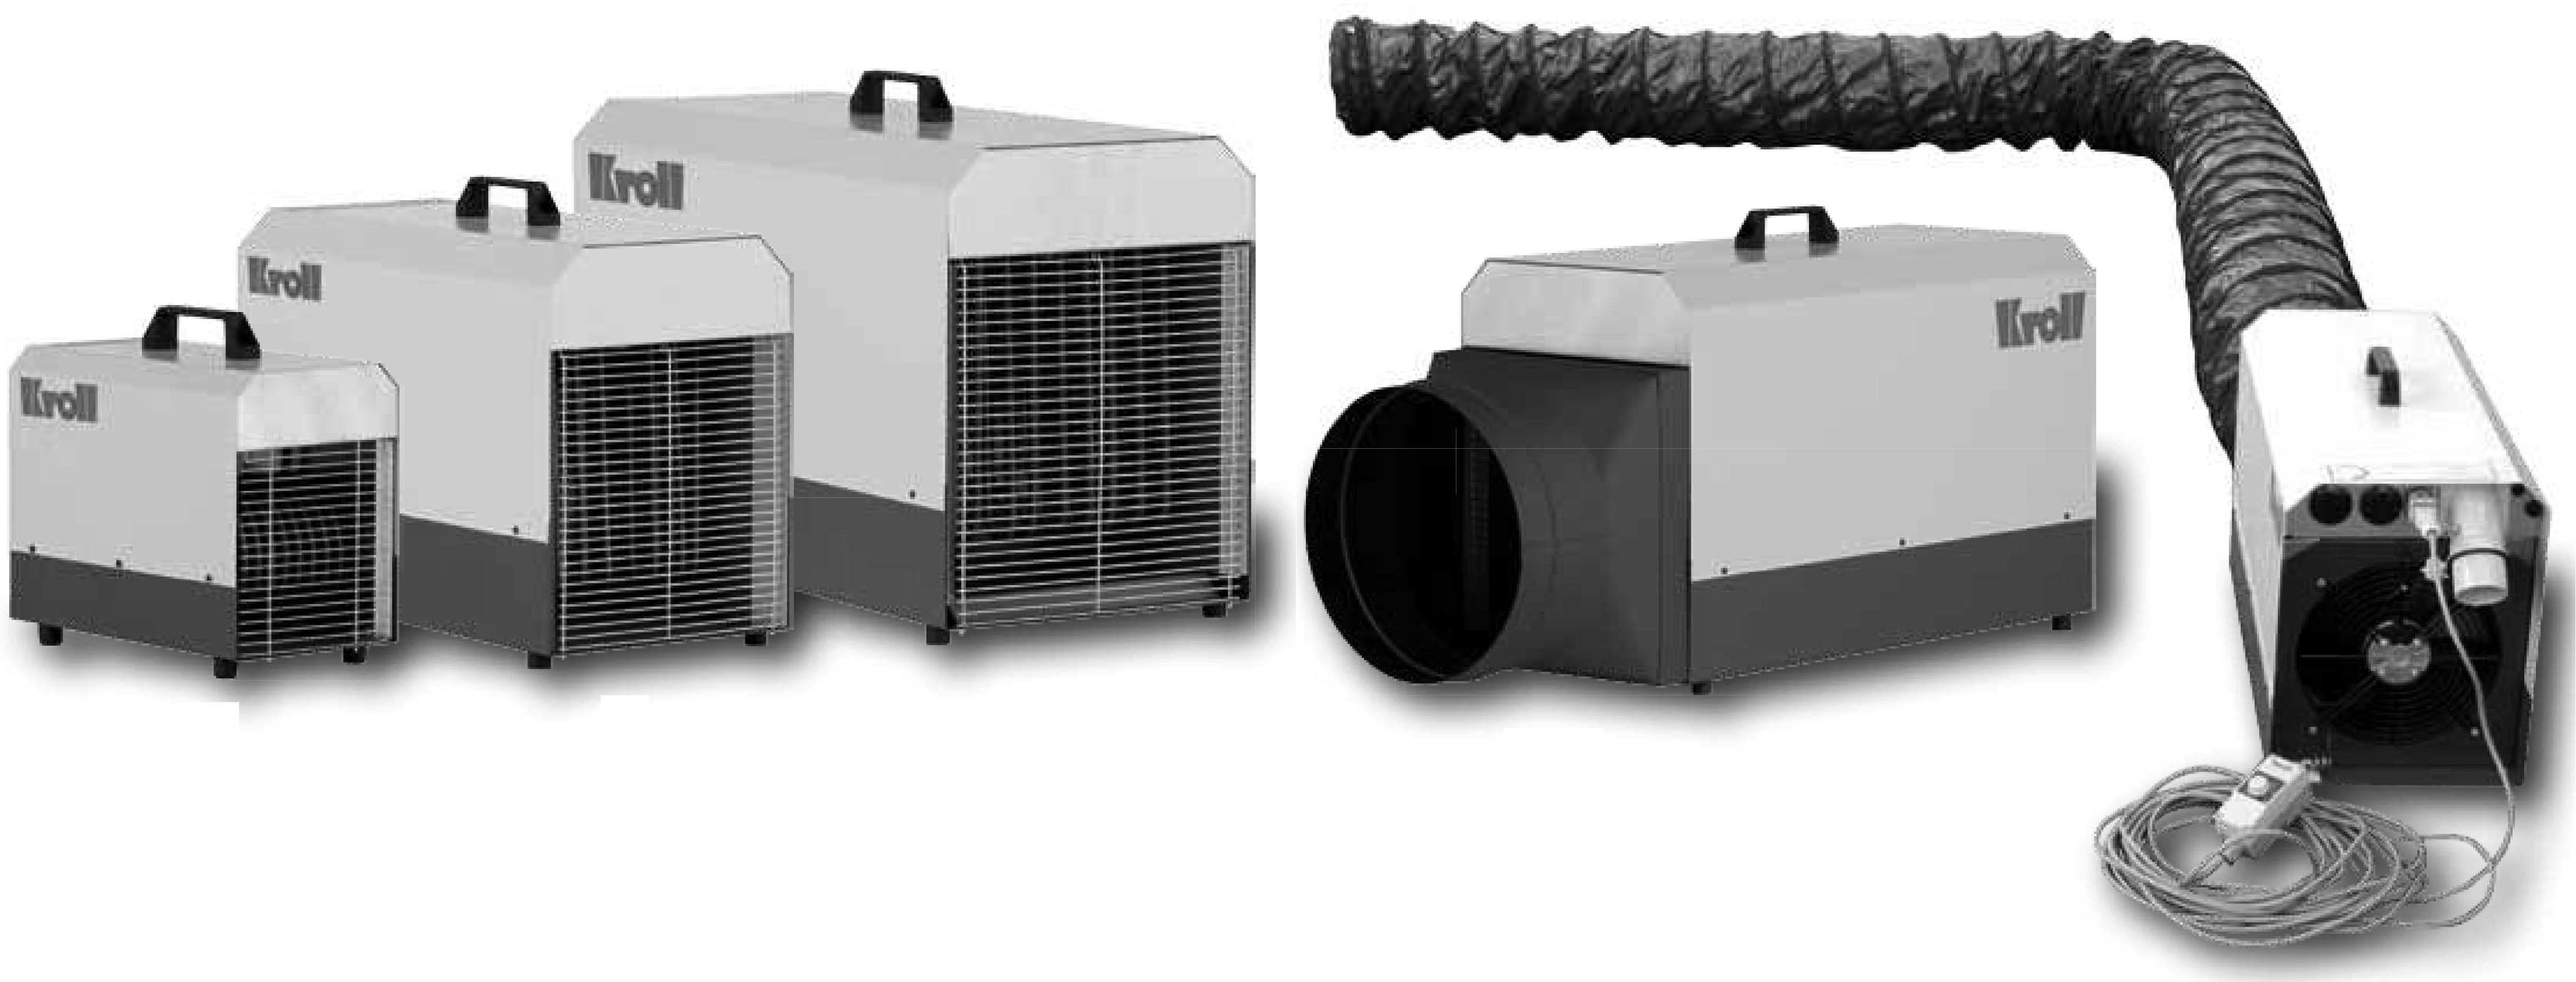 chauffage électrique KROLL série E